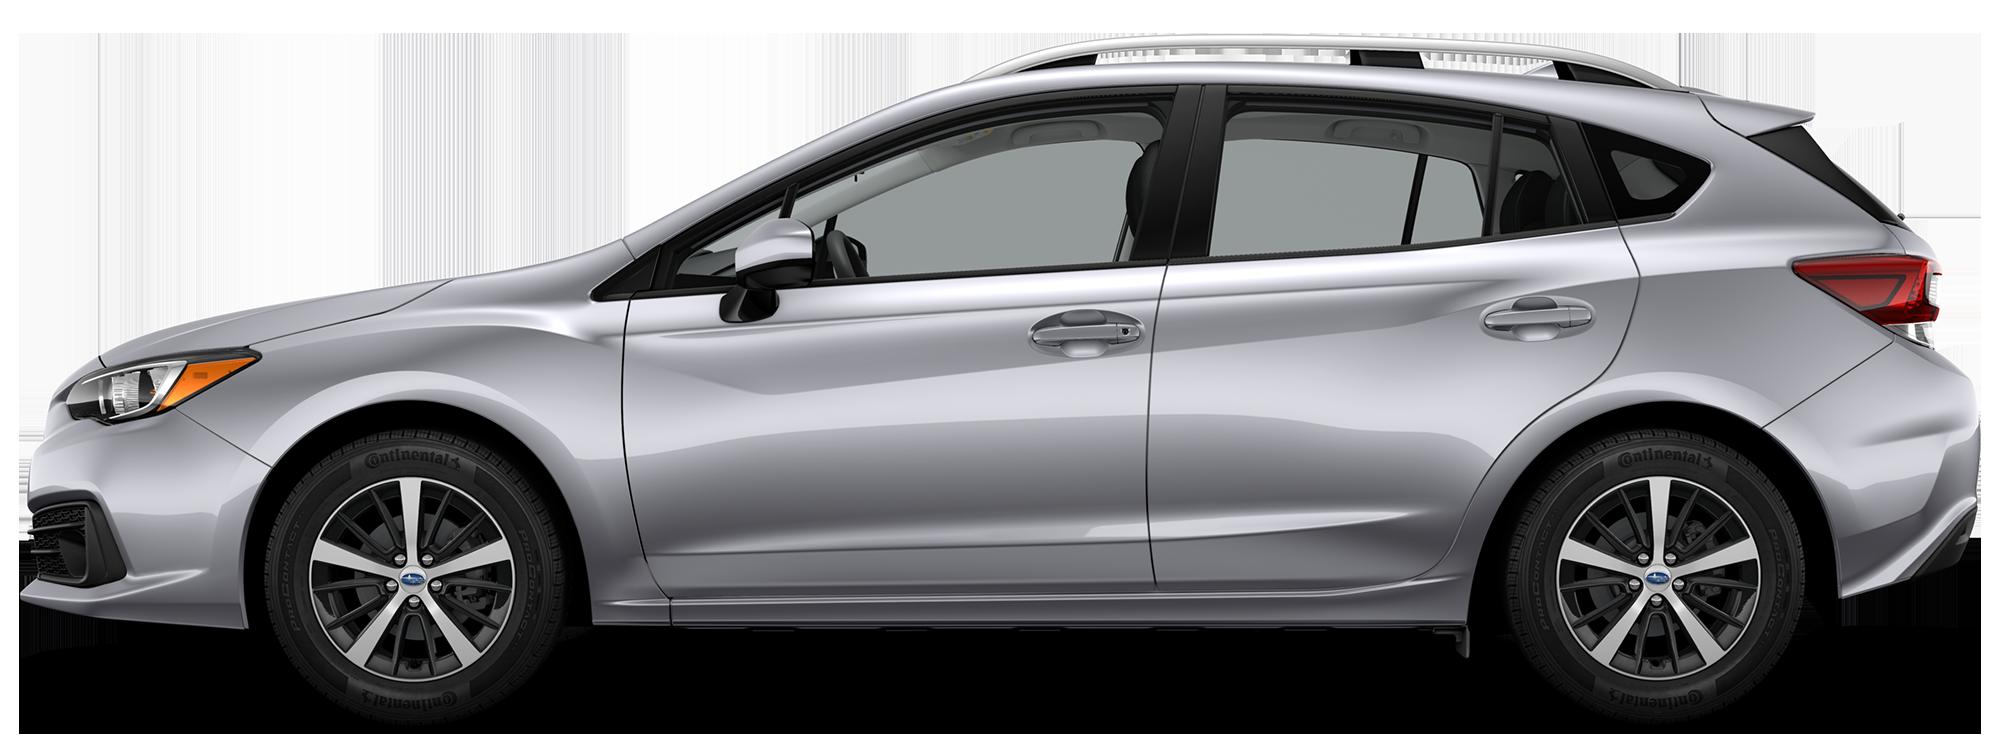 2022 Subaru Impreza 5-door Premium